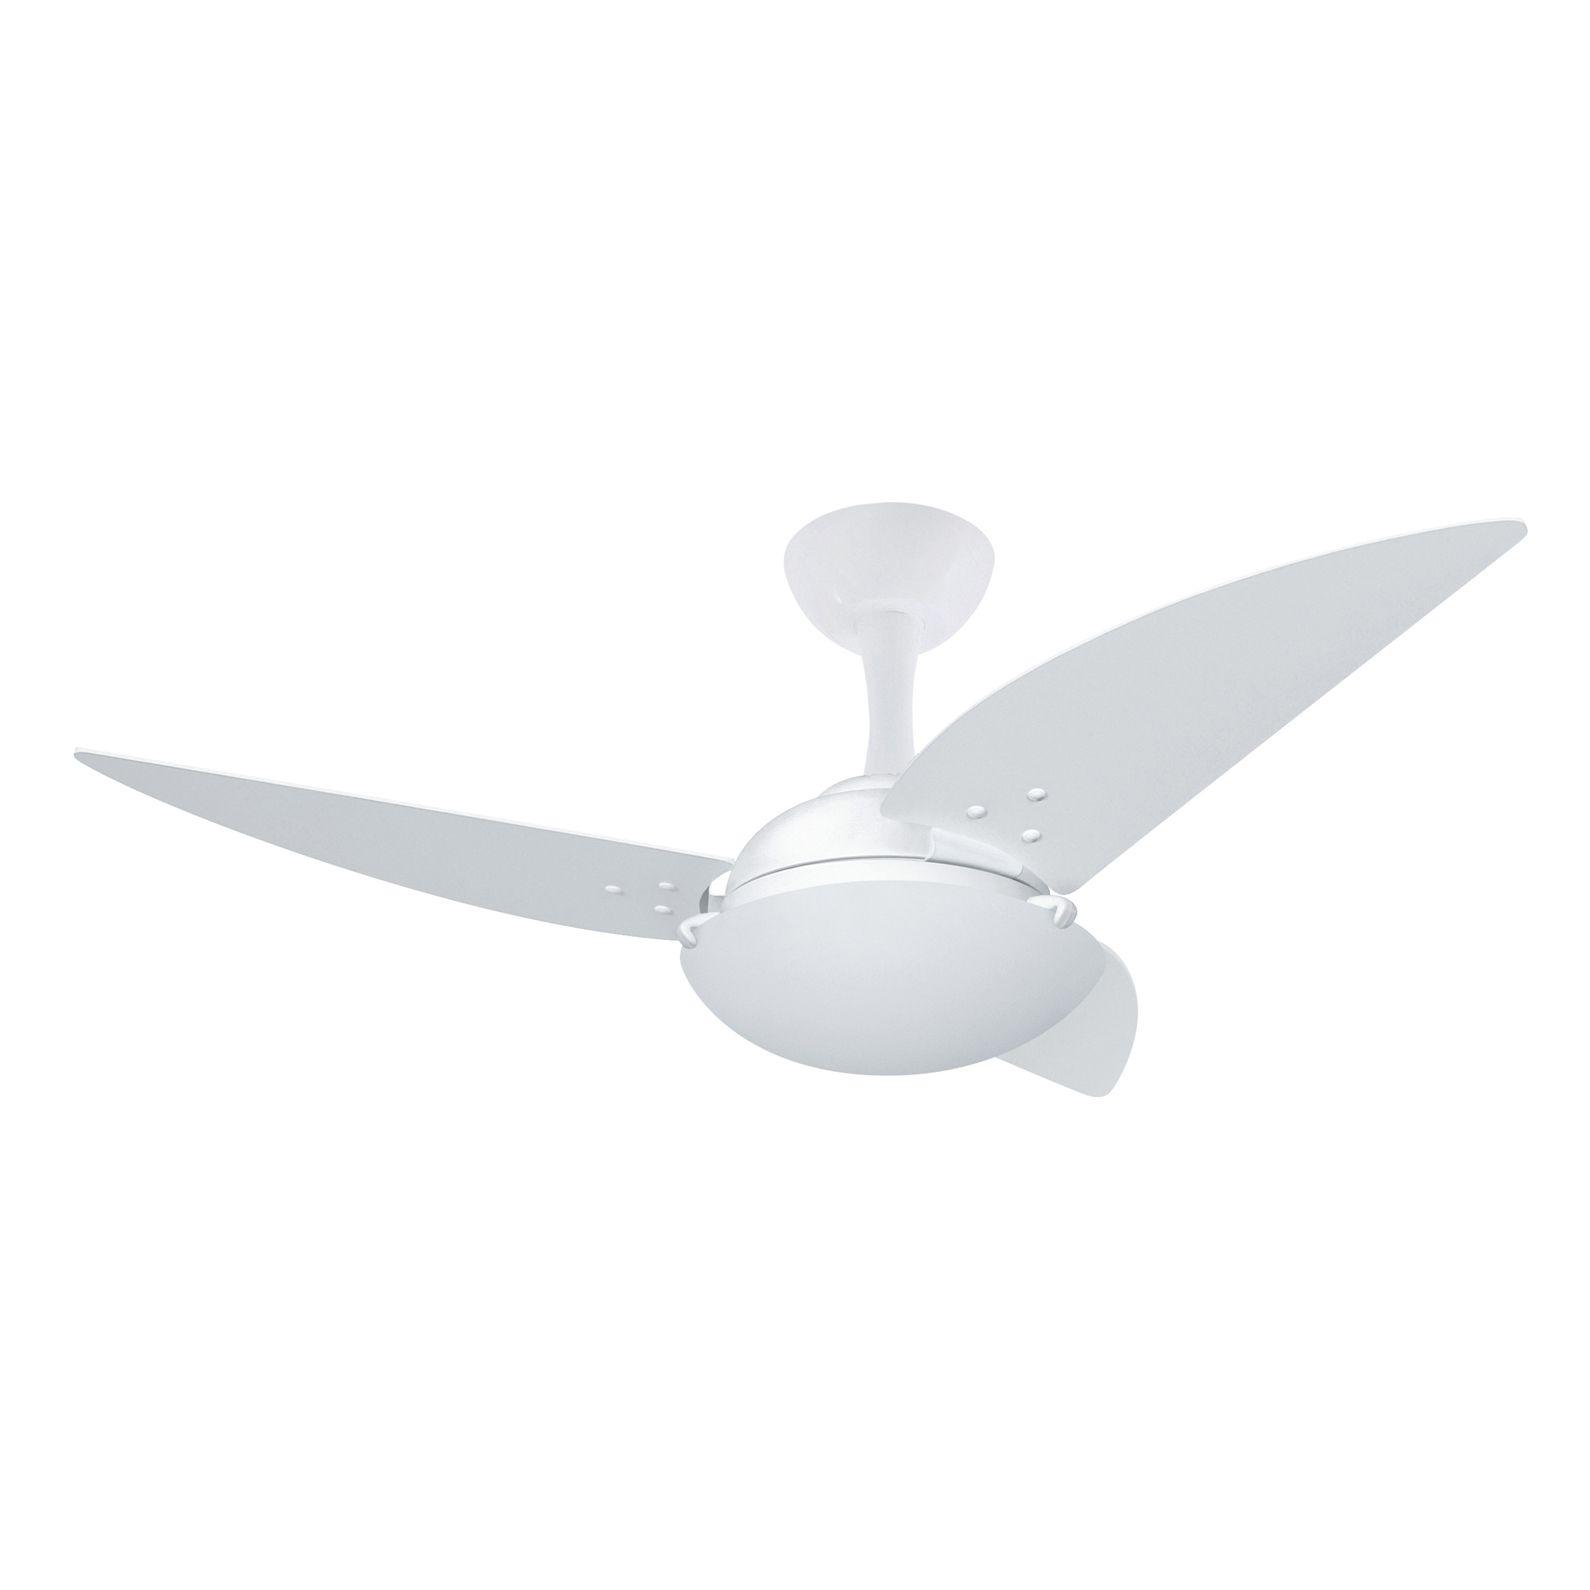 Ventilador de Teto 3 Pás Branco Uno Ventax - Volare (110V)